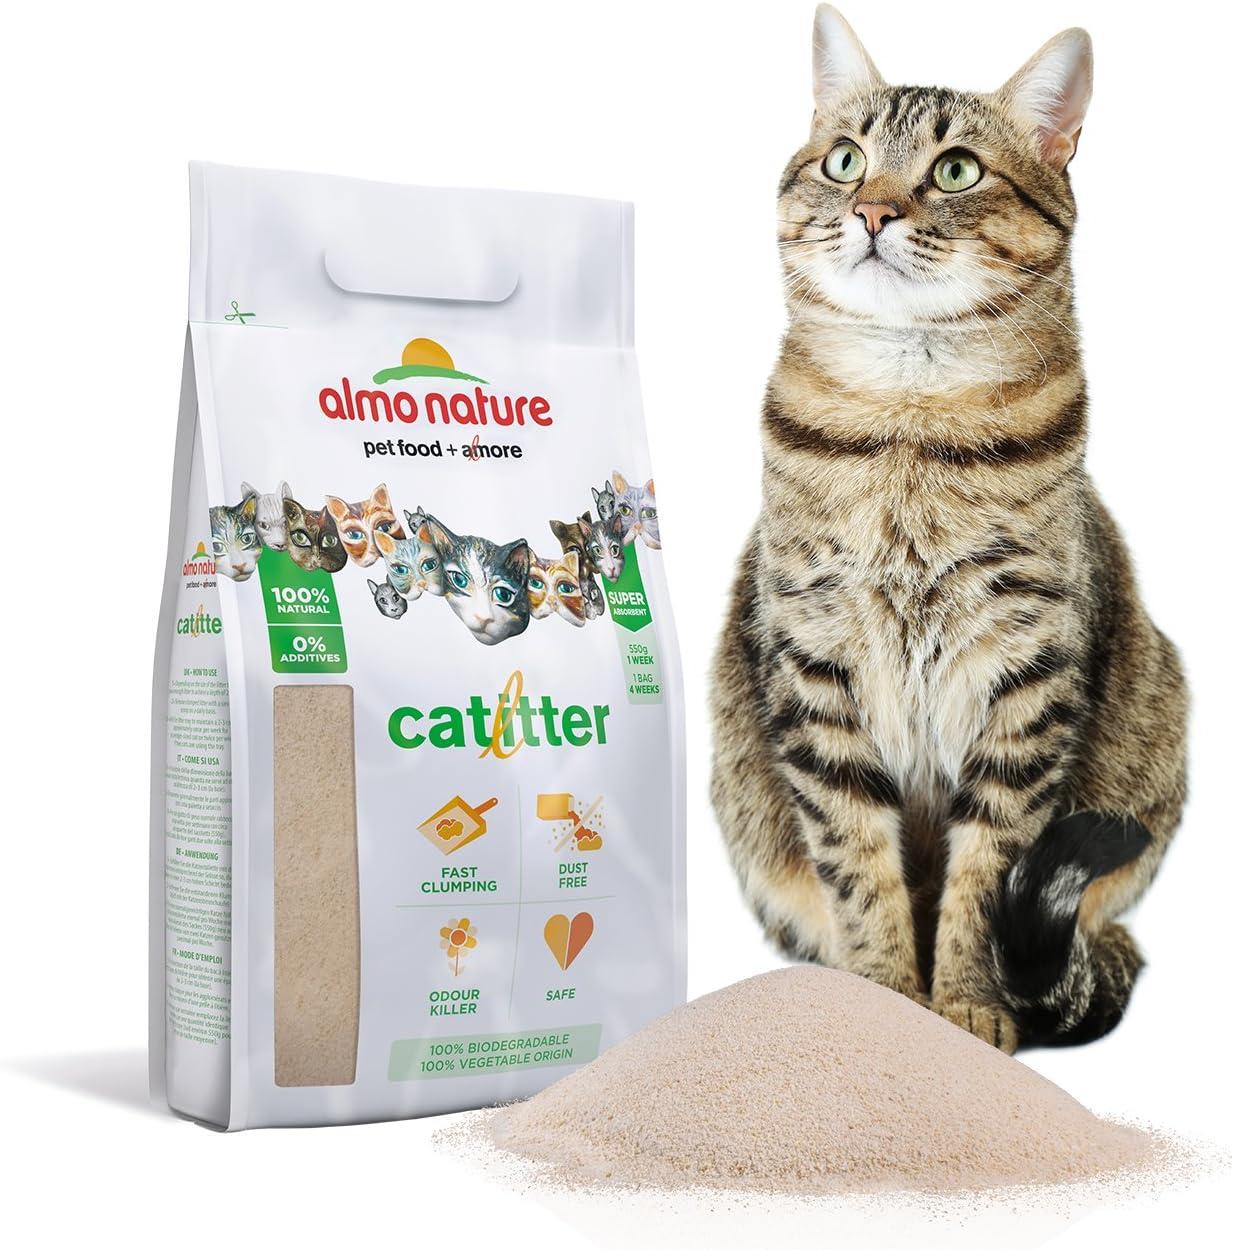 almo nature ALM76 Cat Litter Arena Aglomerante para Gatos, 2.27 kg ...